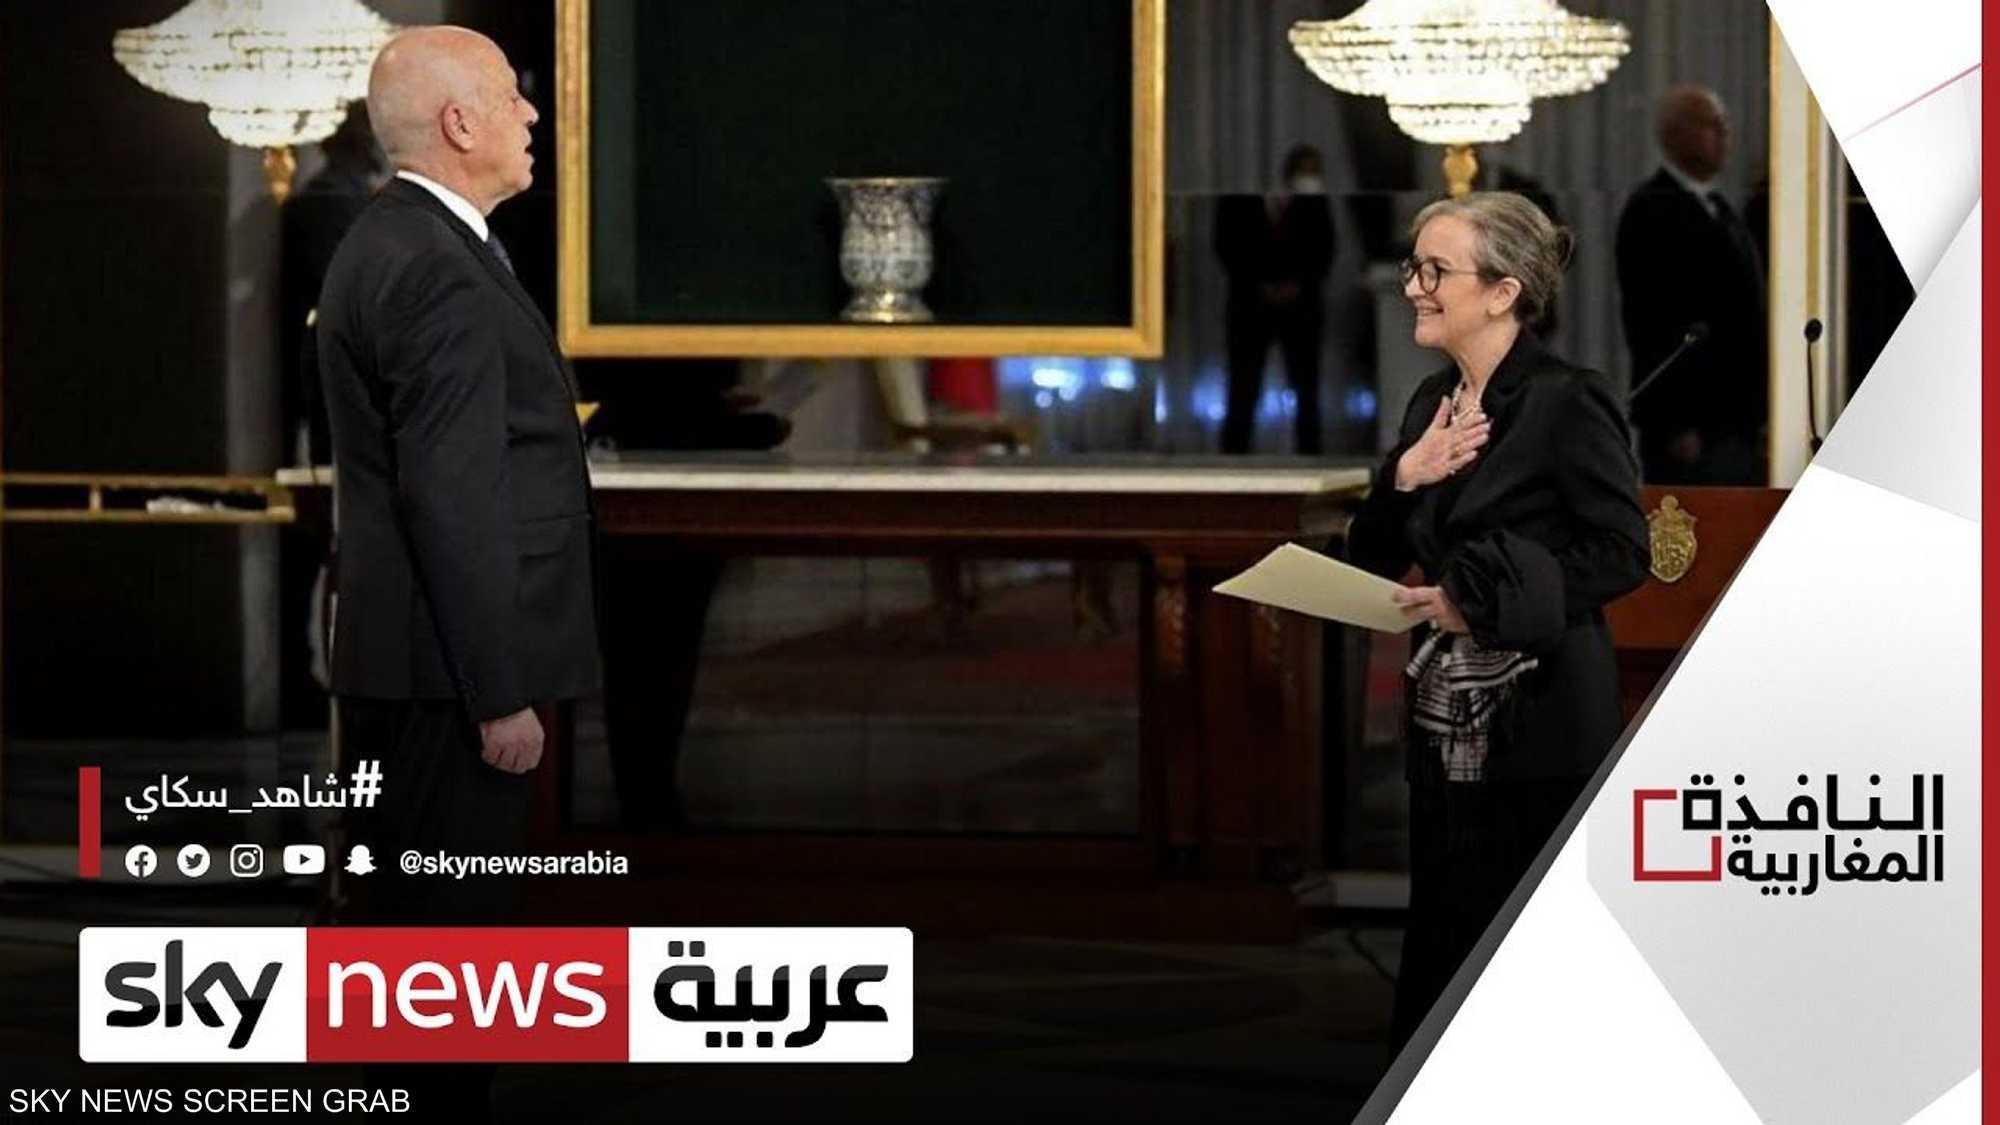 الرئيس التونسي يدعو إلى ضرورة تخفيض الأسعار